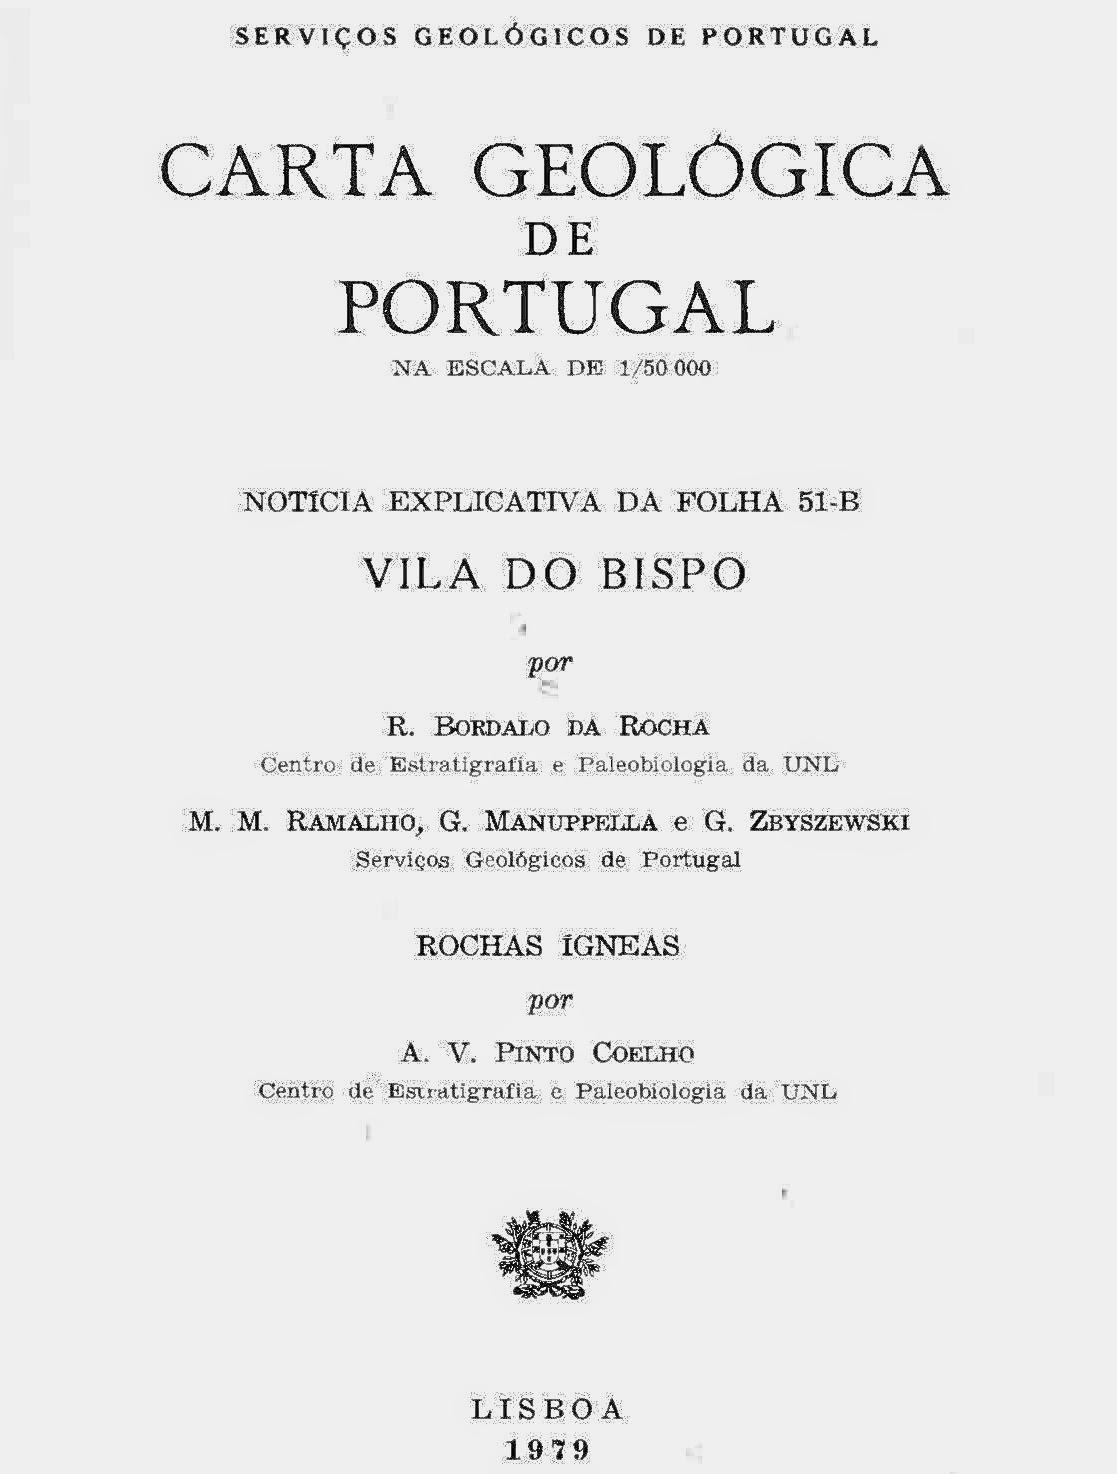 Notícia Explicativa da Carta Geológica de Vila do Bispo (Folha 51-B - 1979)